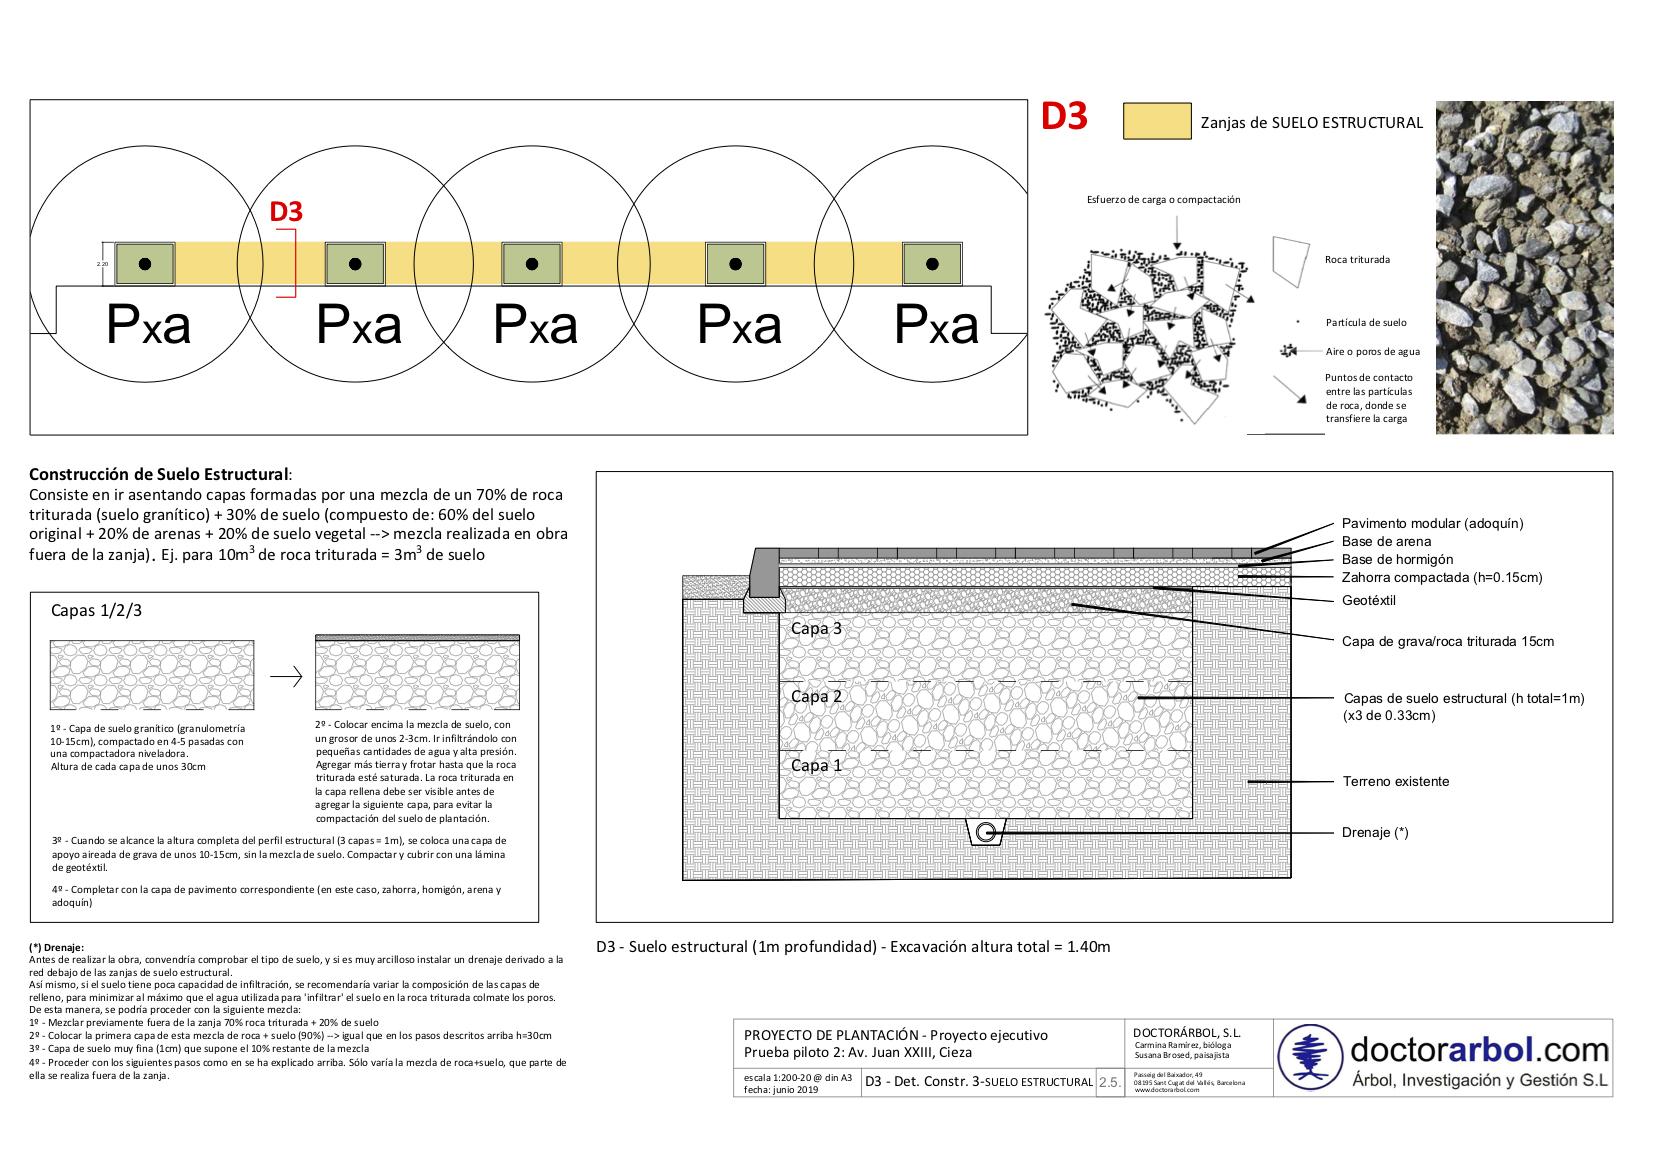 Implementación del 'Plan Estratégico de Ecología Urbana y Biodiversidad 2017-2032'. Propuesta de mejora del suelo de plantación y aumenta del volumen del alcorque con SUELO ESTRUCTURAL, Av. Juan XXIII, Cieza (Murcia).